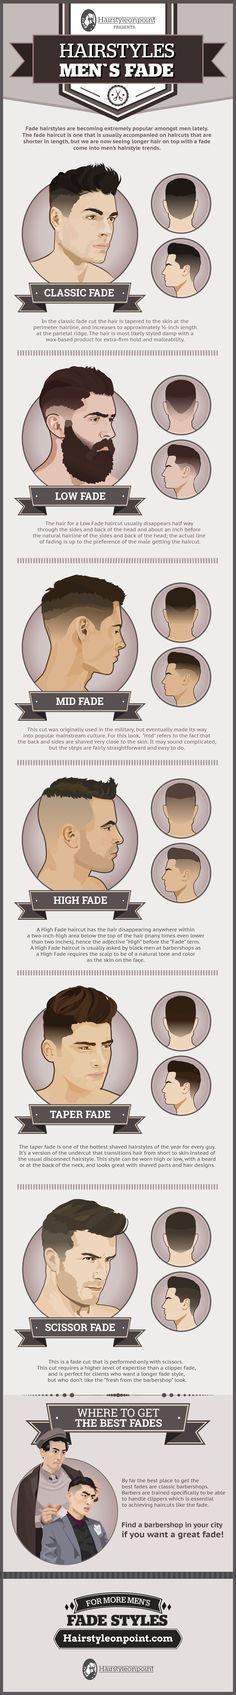 Men's Hairstyles: A Simple Guide To Popular And Modern Fades Visite www.saudeprospera.com.br e saiba dicas para cuidar da sua pele.